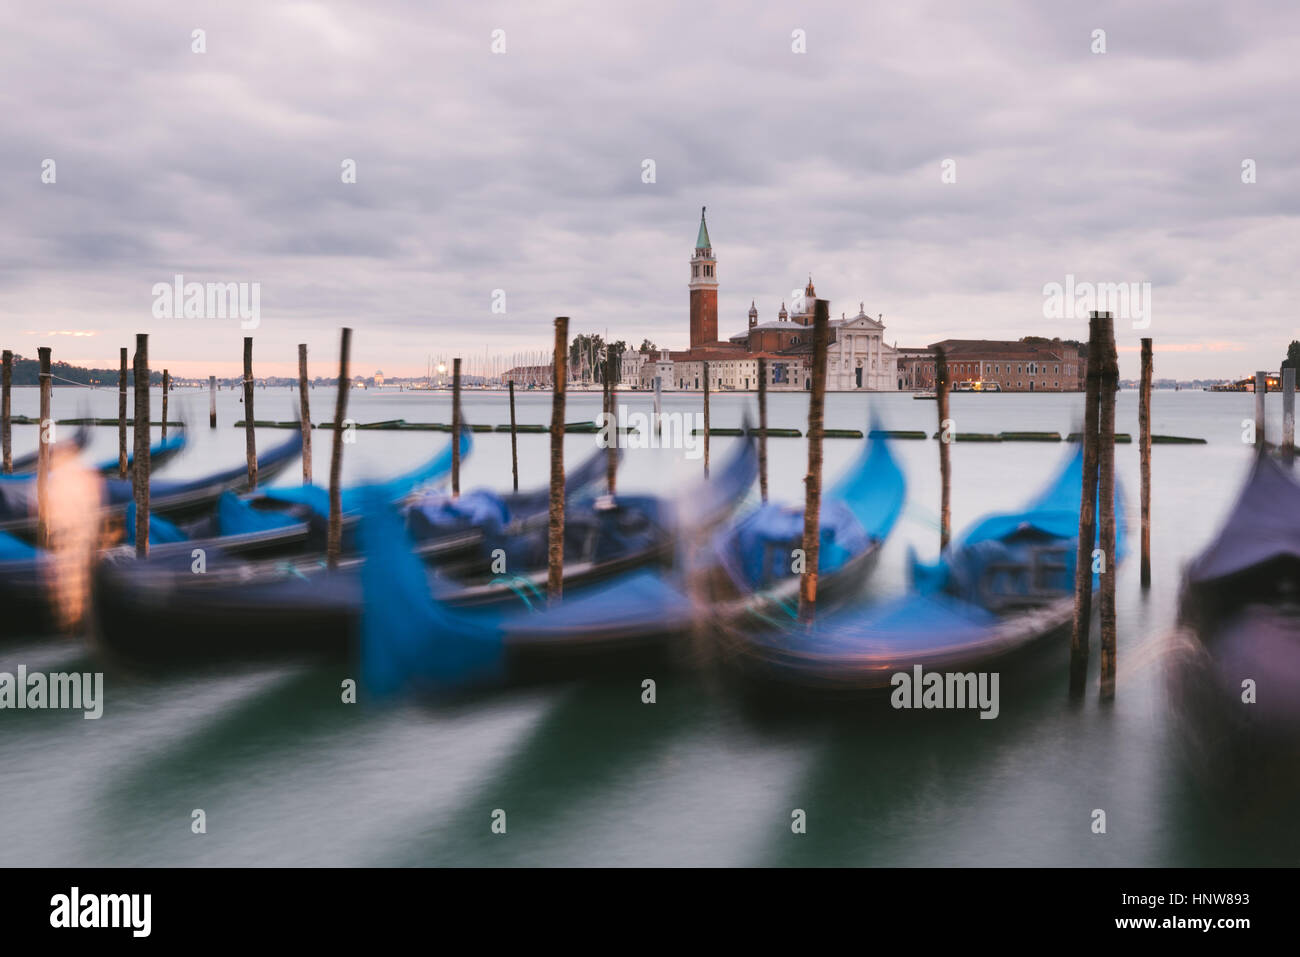 Gondeln im Canal Grande, San Giorgio Maggiore Insel im Hintergrund, Venedig, Italien Stockfoto